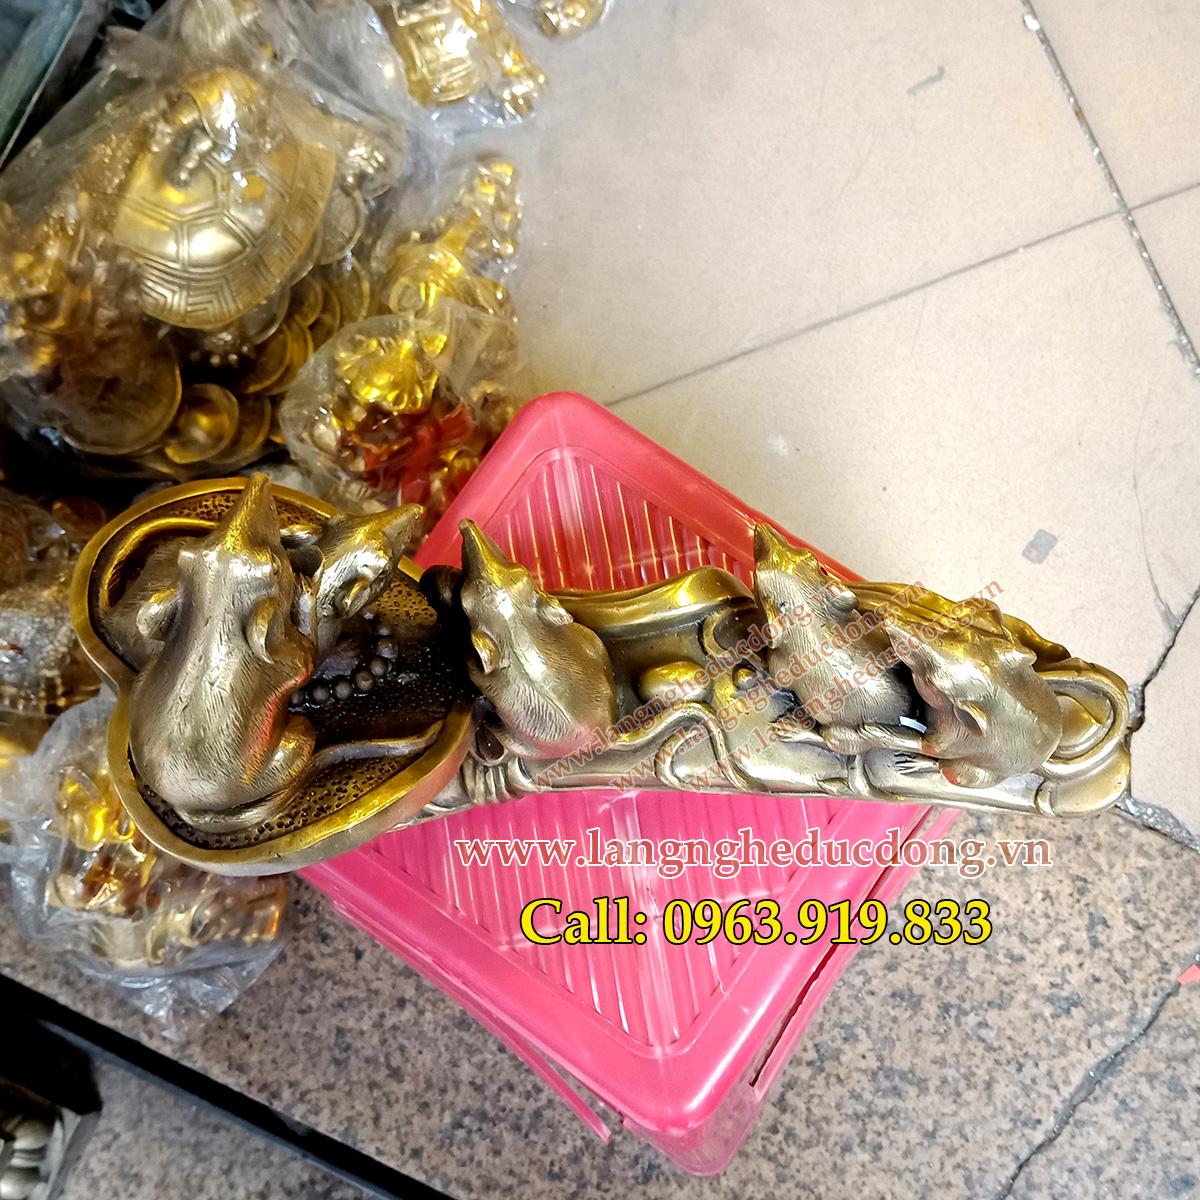 langngheducdong.vn - chuột đồng, đồ đồng phong thủy, vật phẩm phong thủy bằng đồng